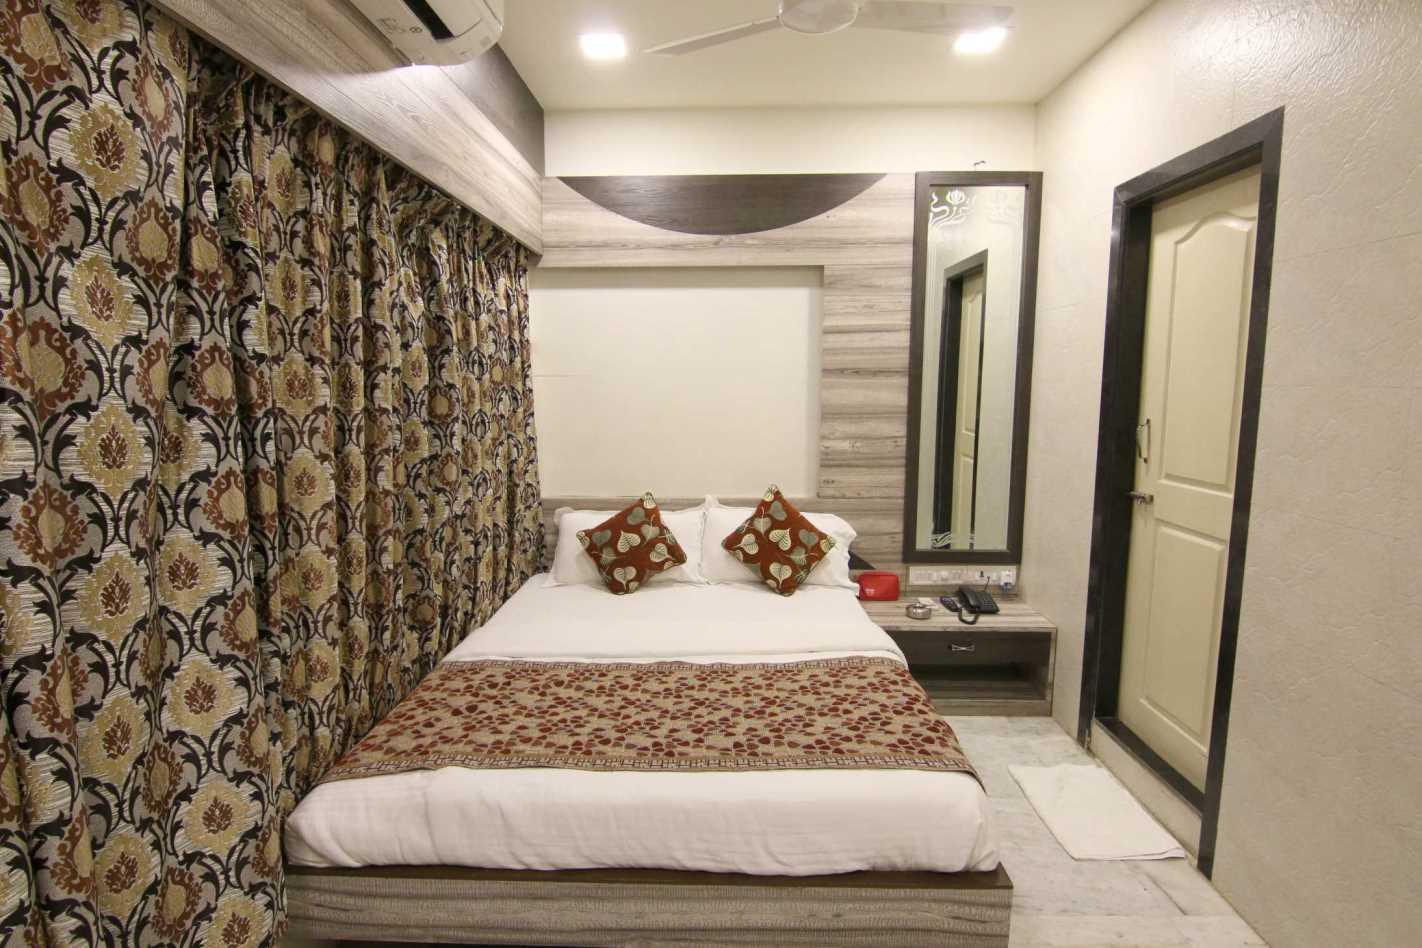 Oyo 416 Hotel Ocean Residency